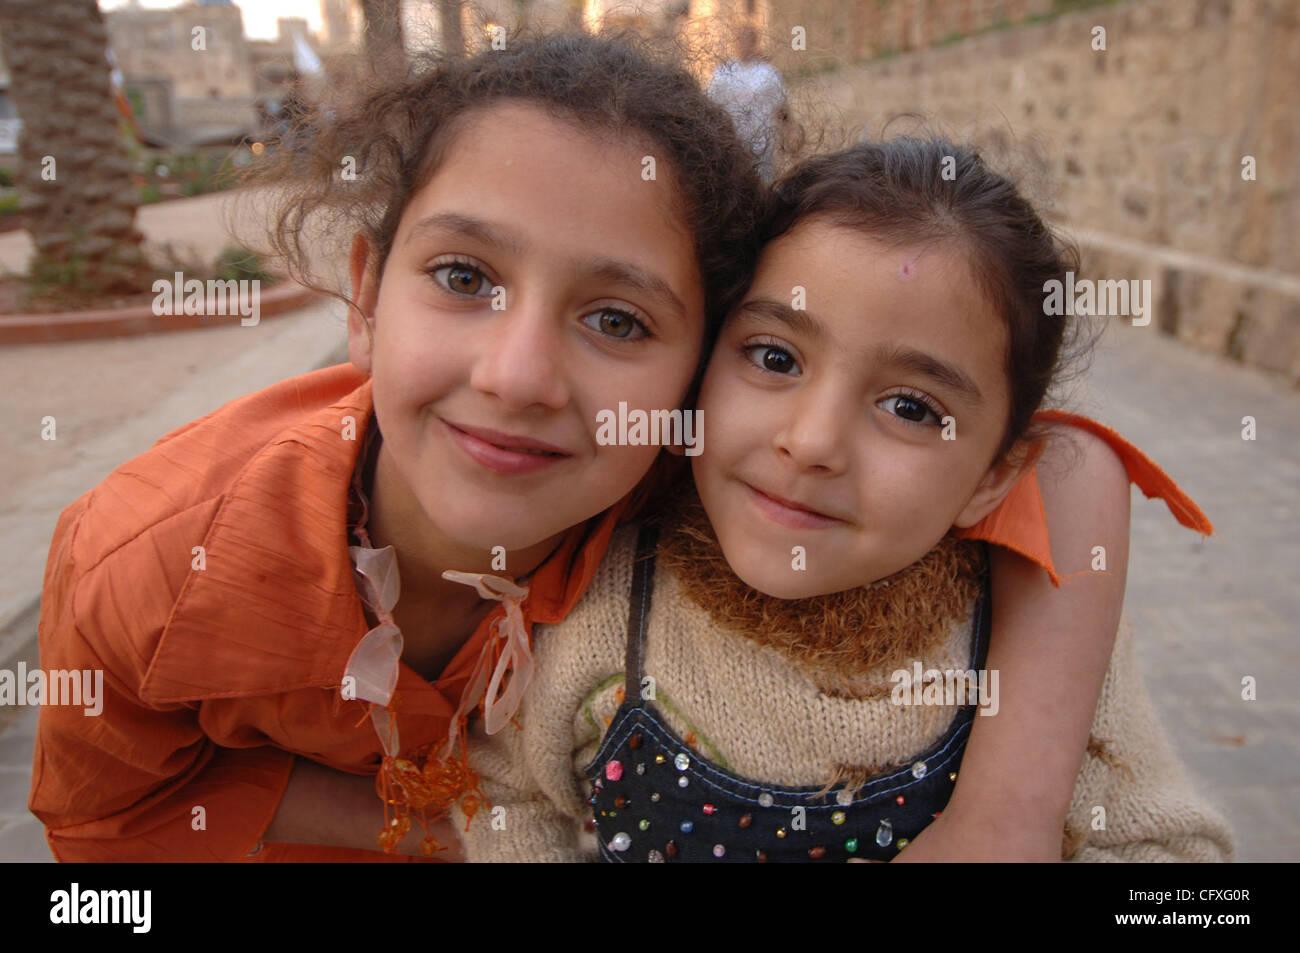 13 de abril de 2007, Saida, Líbano - dos niñas participar en una ...